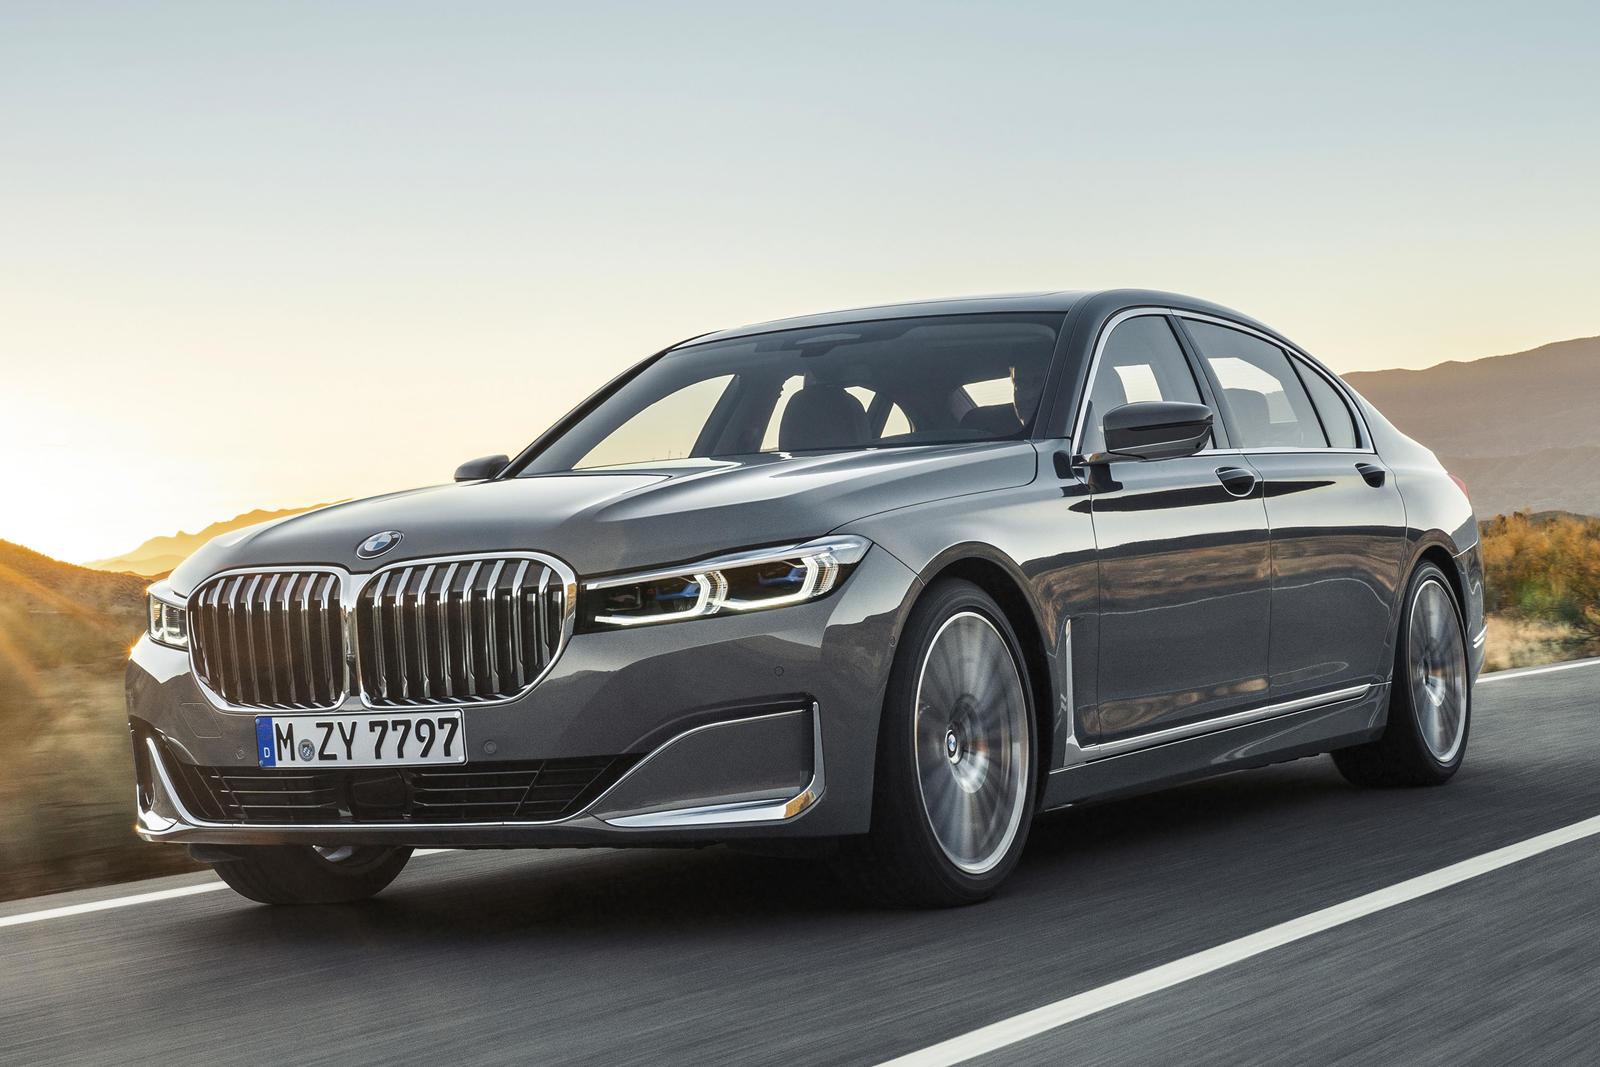 BMW 7 Series xứng đáng là dự án đình đám trong năm nay